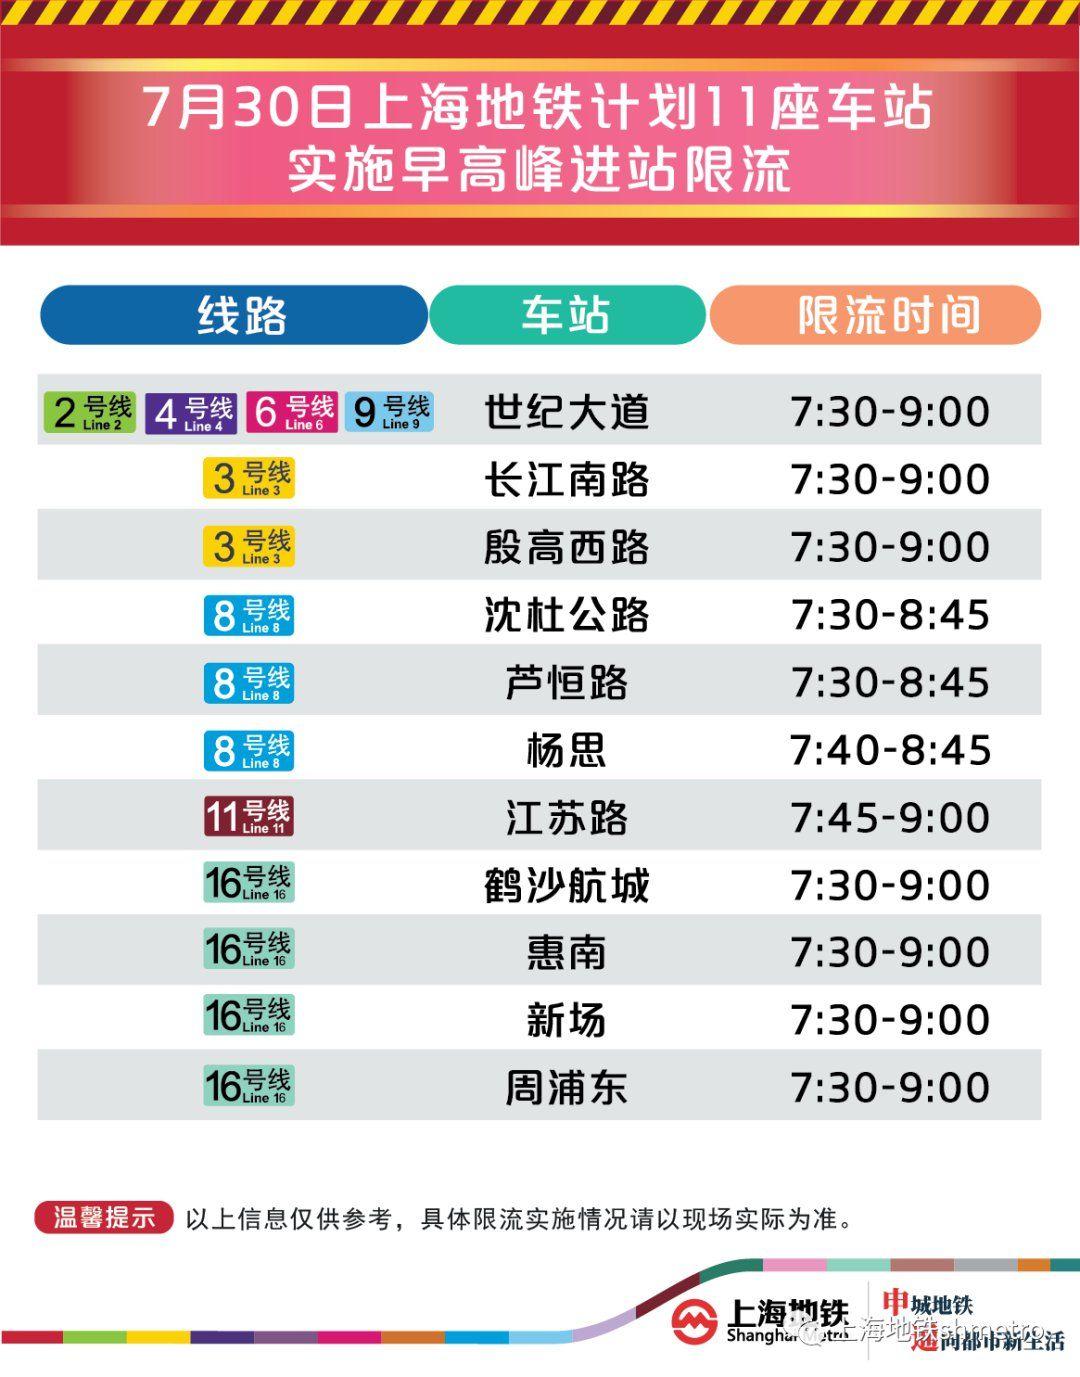 7月30日上海11座地铁站早高峰限流 (附舒适度预告)